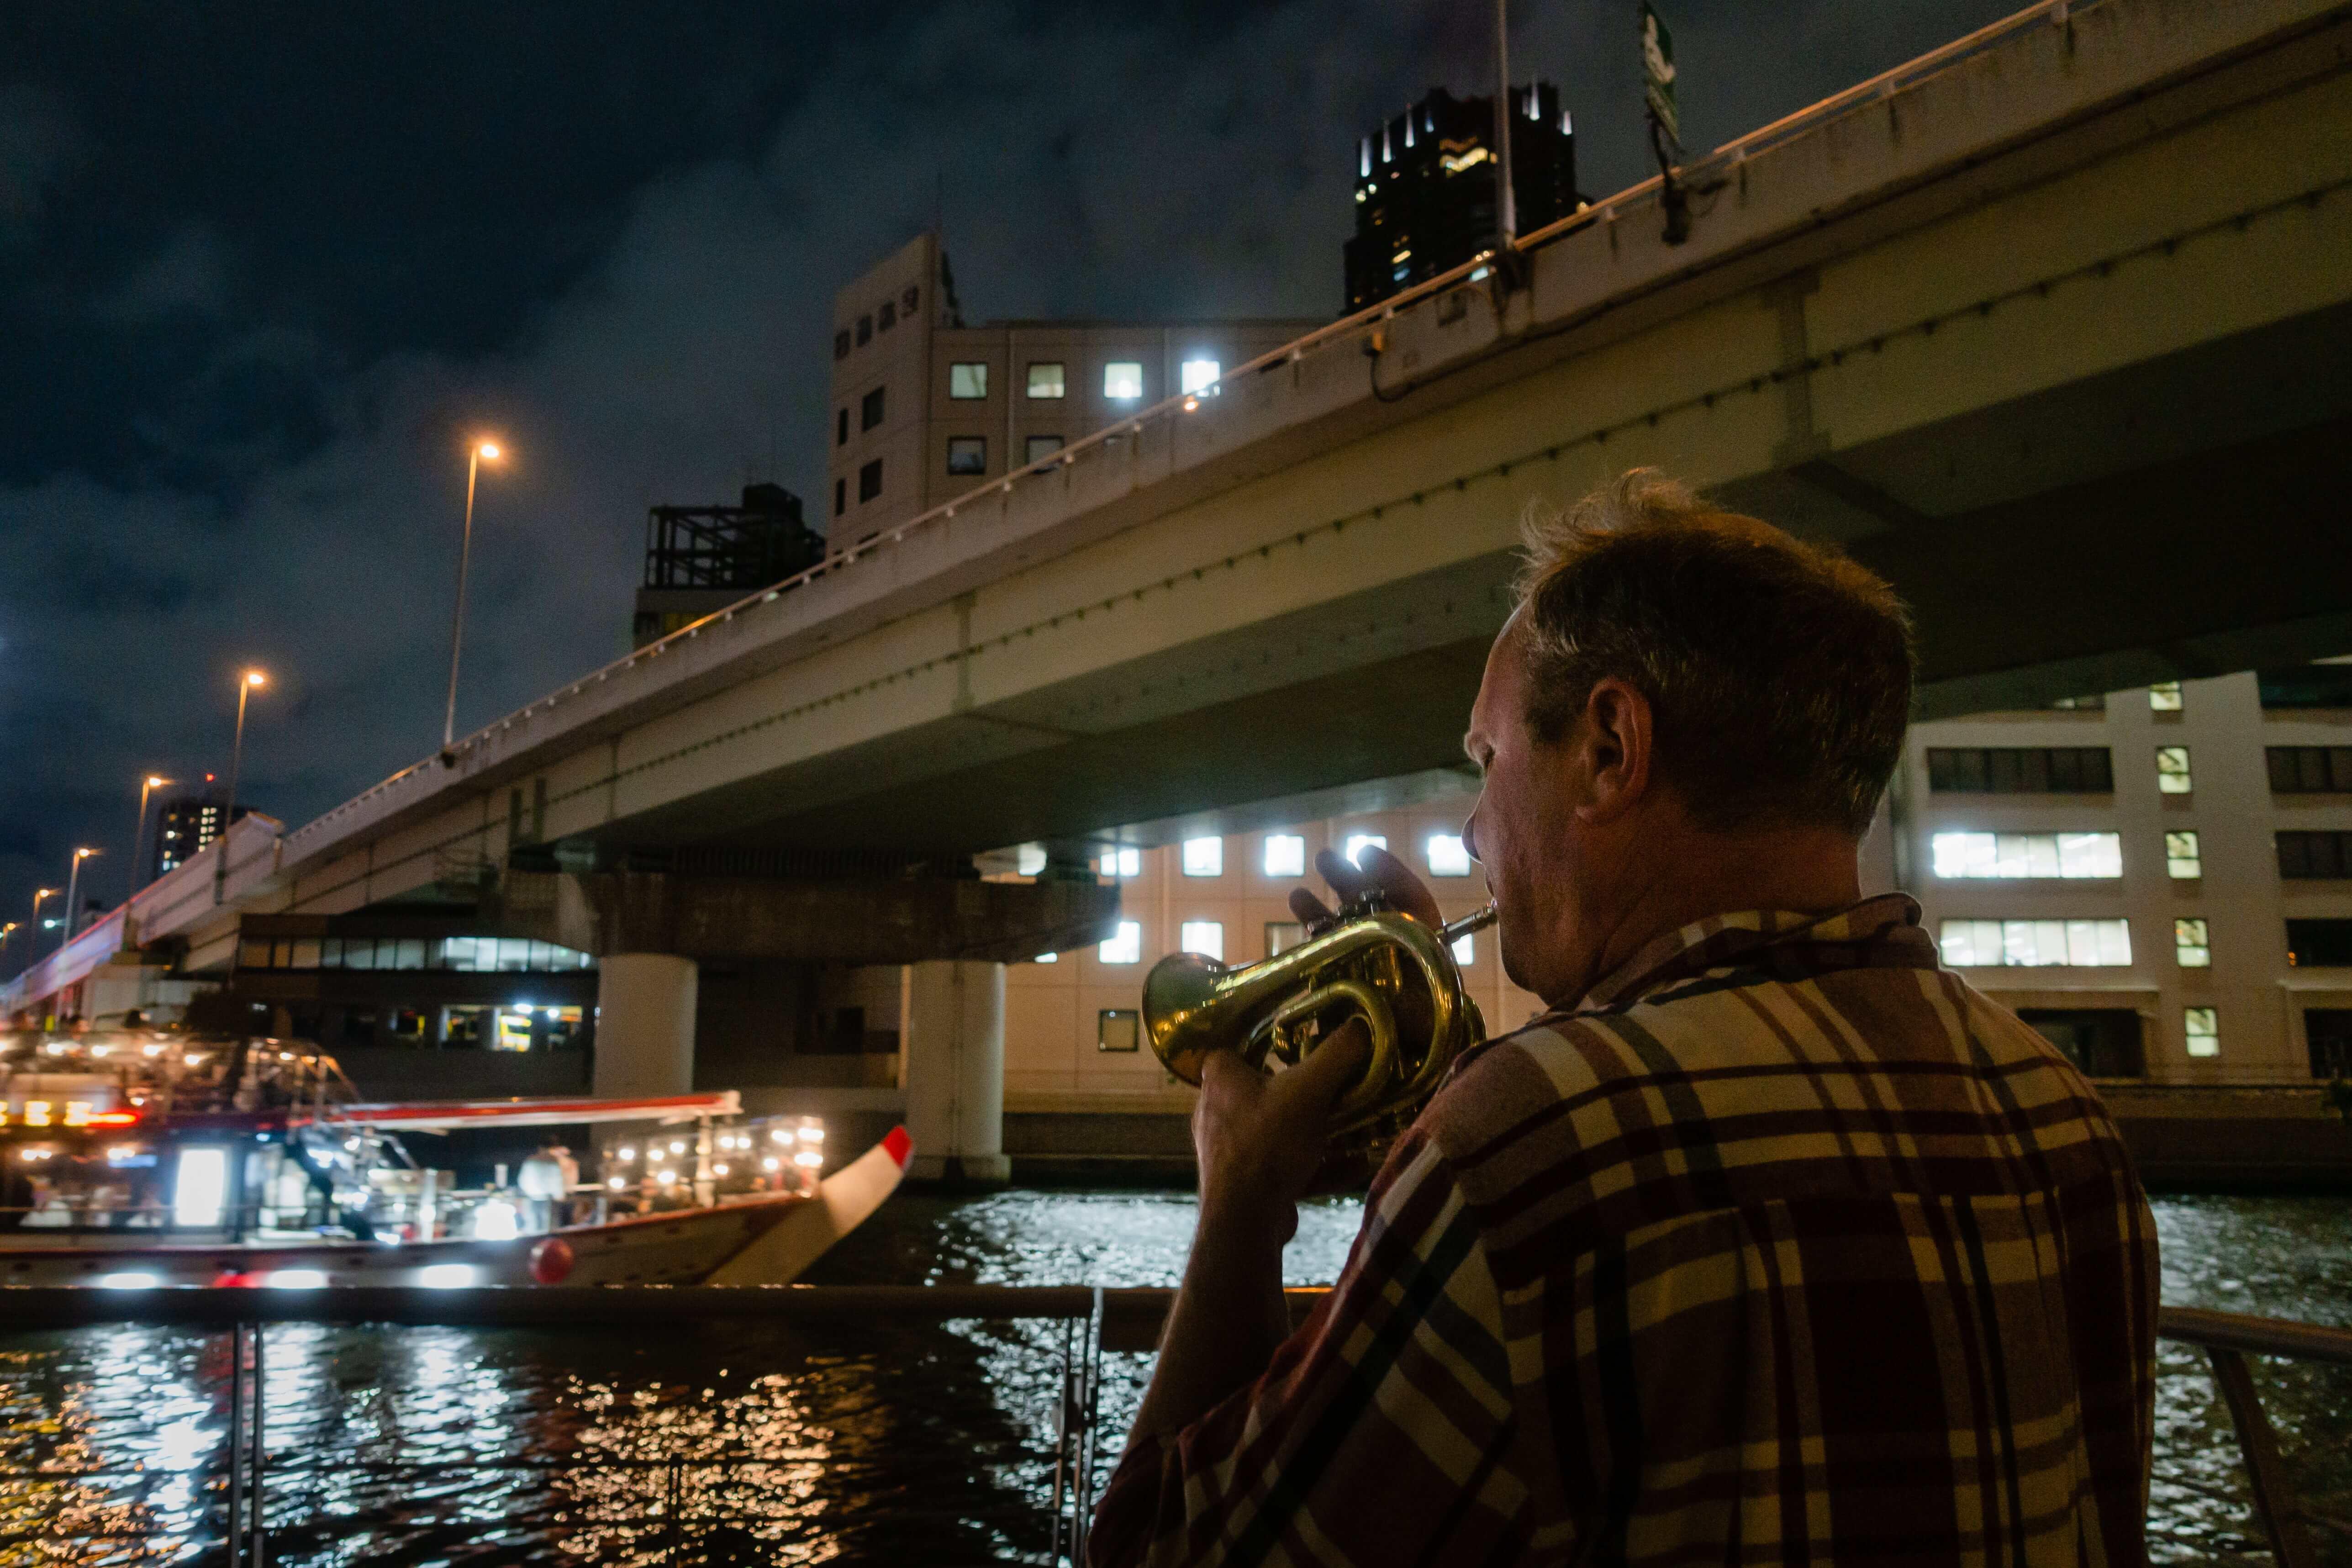 作品名:riverside concert / 撮影場所:中之島公園 / 撮影者:maxakichiさん